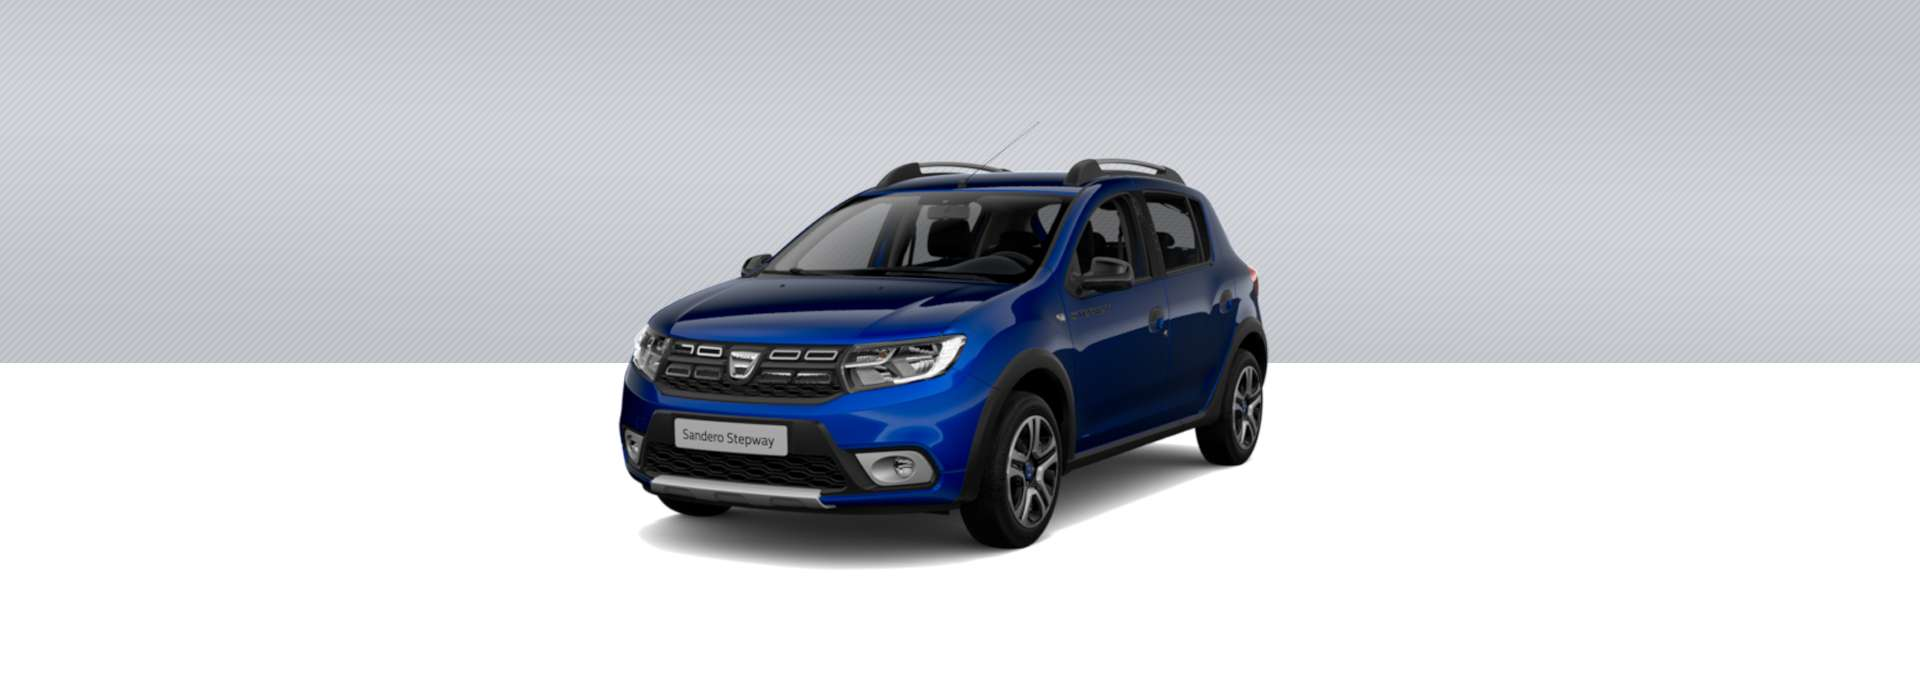 Dacia SANDERO ANIVERSARIO